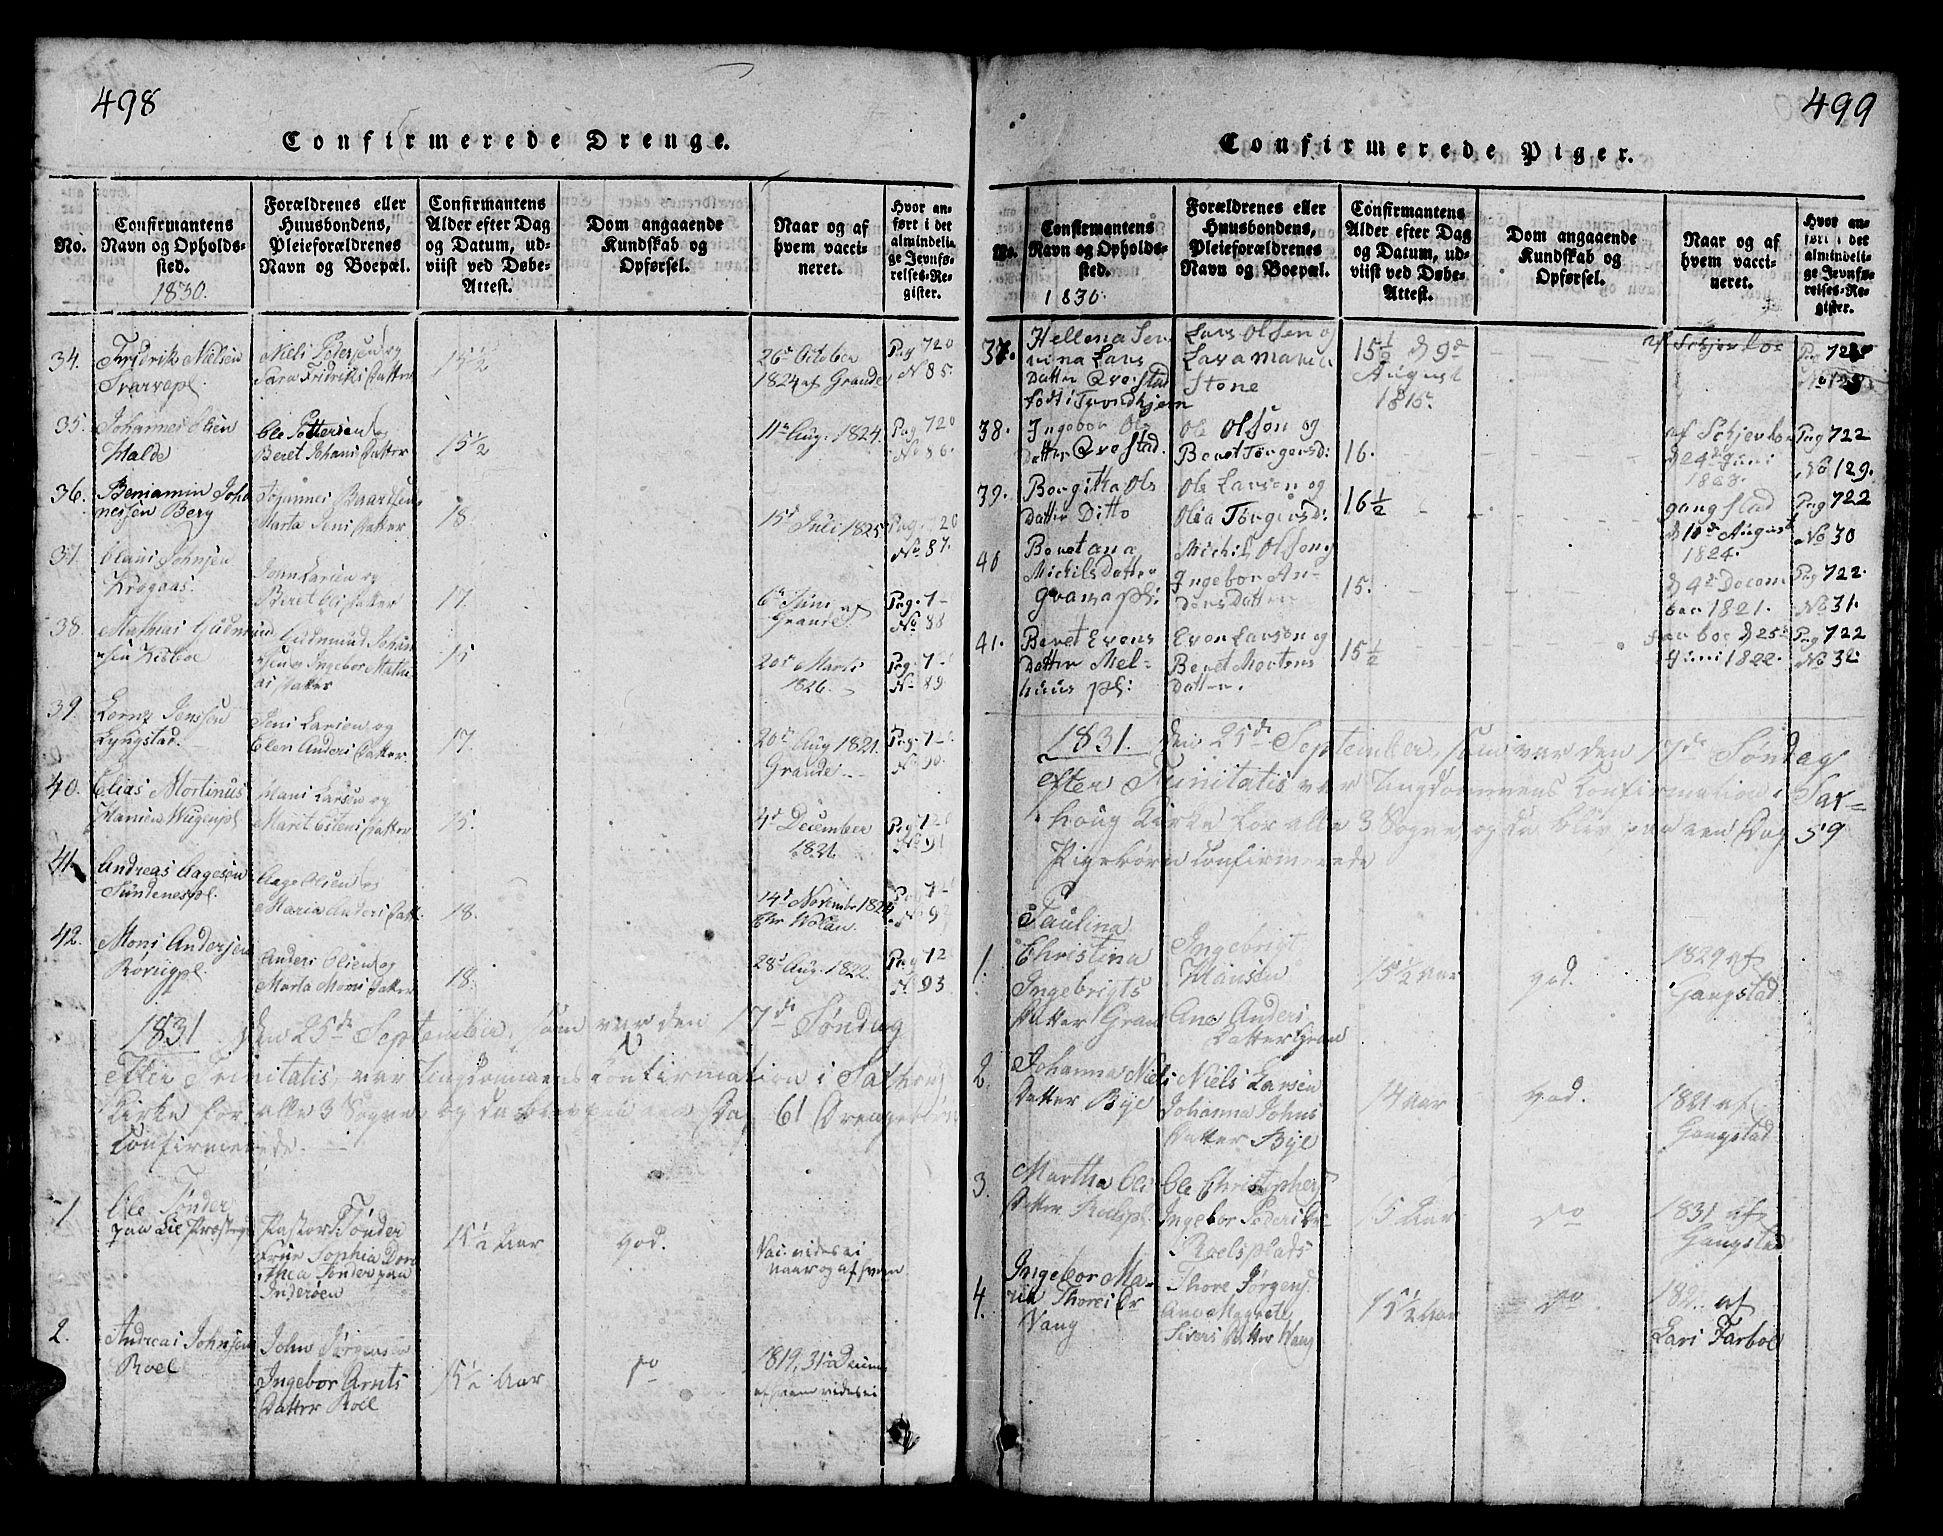 SAT, Ministerialprotokoller, klokkerbøker og fødselsregistre - Nord-Trøndelag, 730/L0298: Klokkerbok nr. 730C01, 1816-1849, s. 498-499